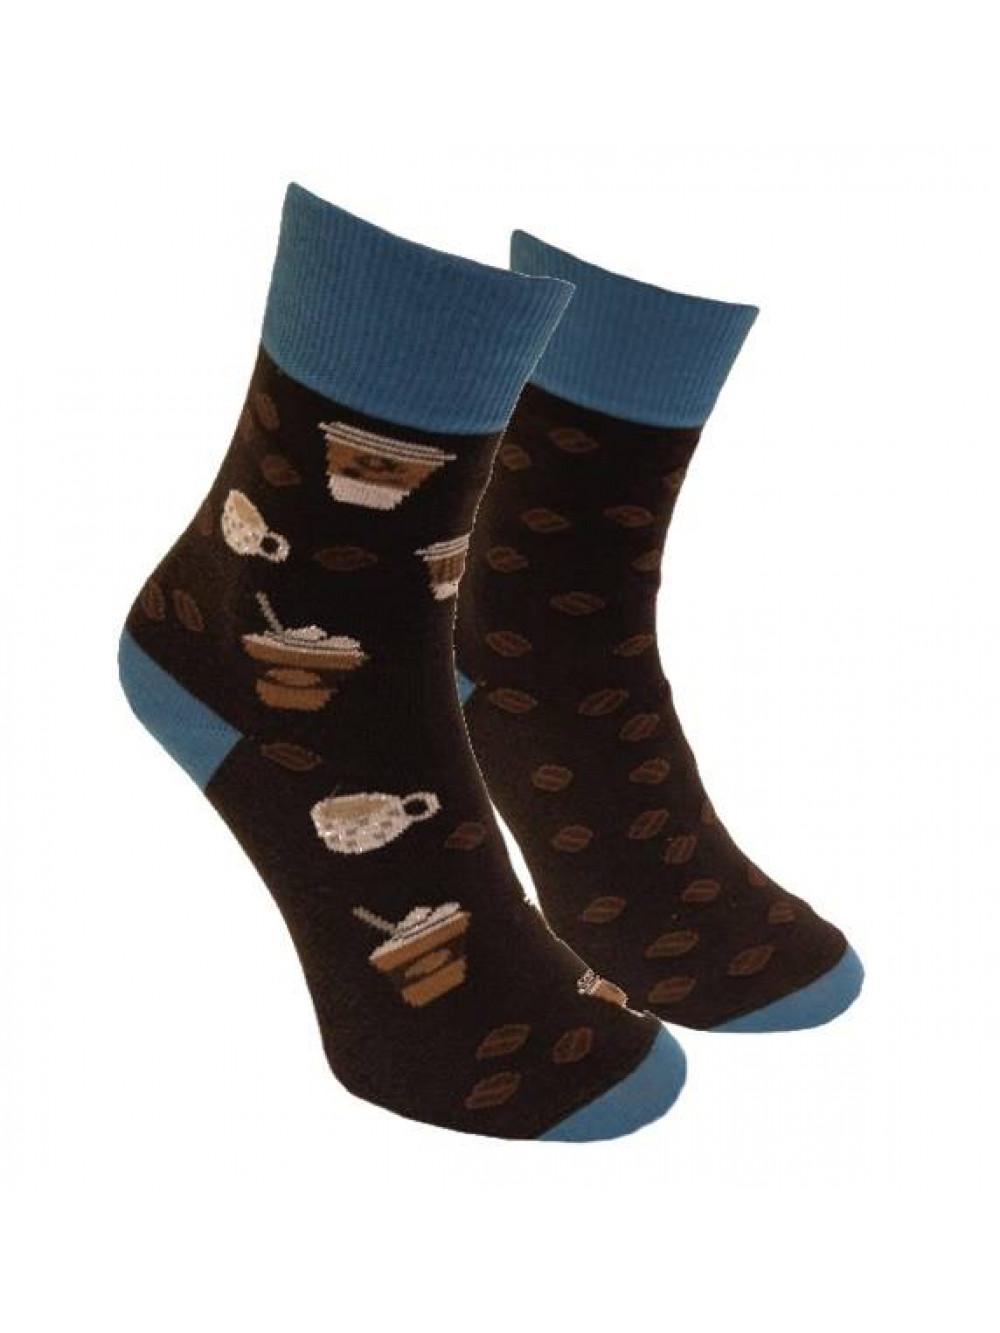 Ponožky Kávopič Foxysoxy - Tmavohnedé